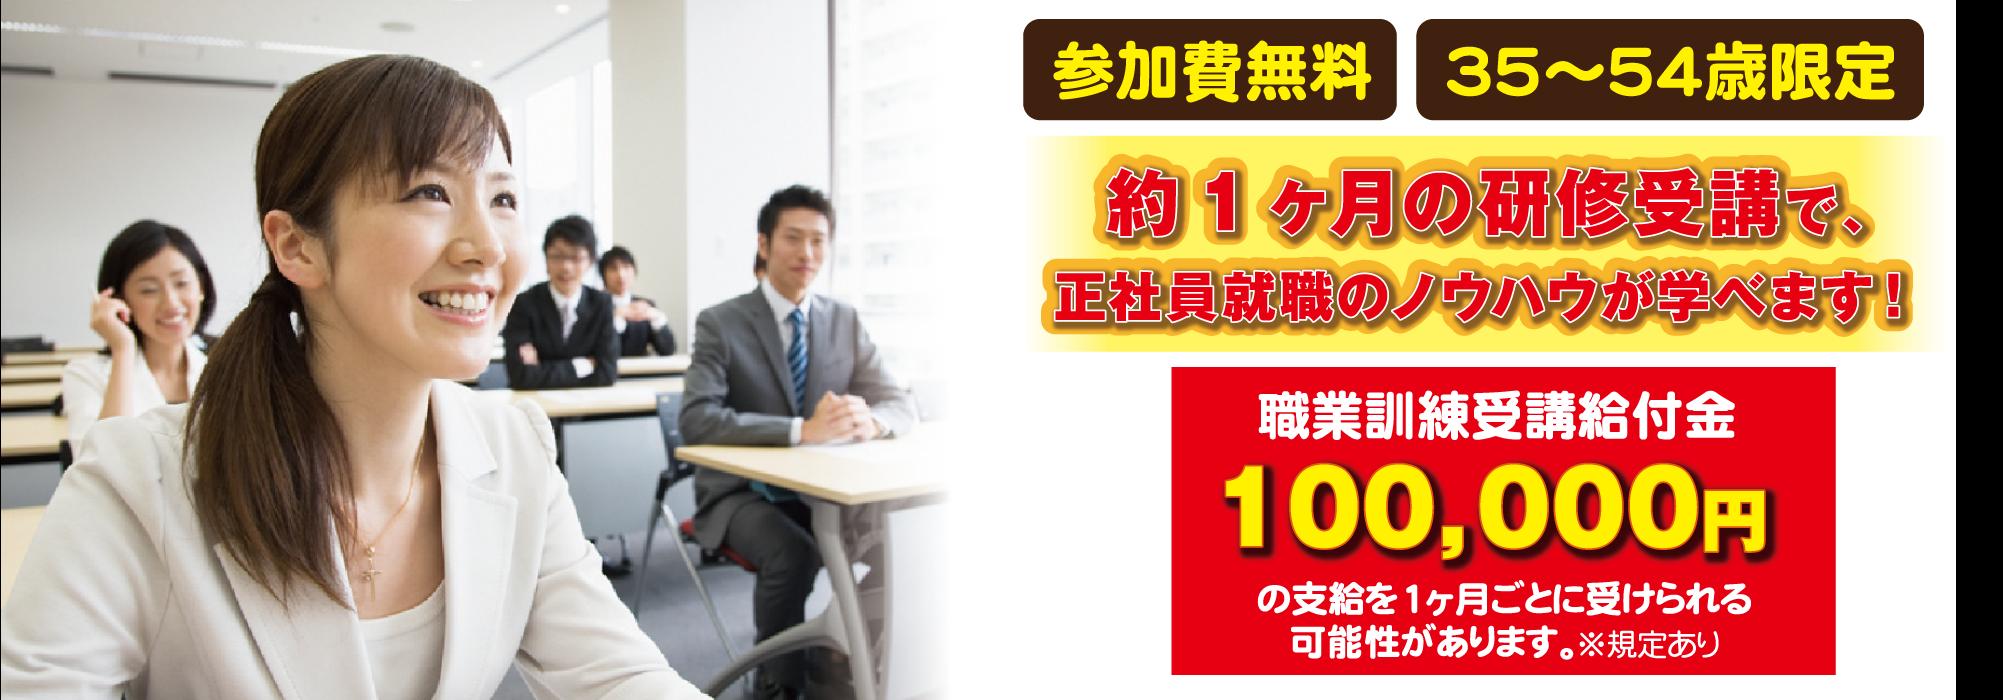 20210726メインビジュアル東京_埼玉LP用ver302